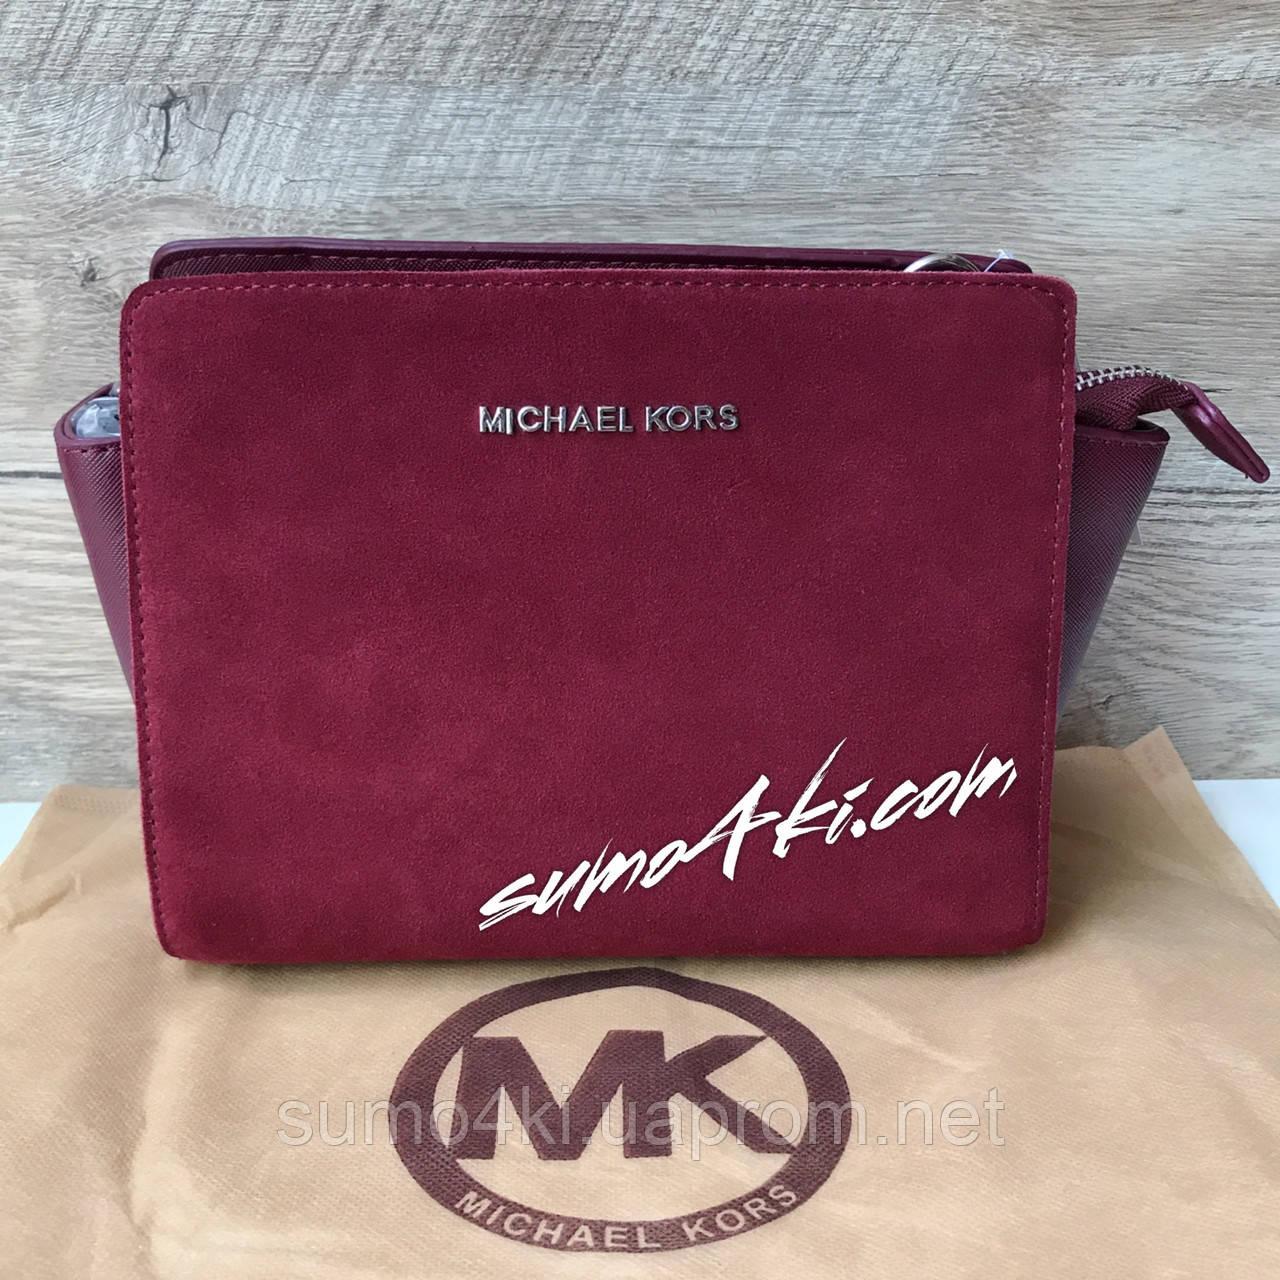 Купить Женскую замшевую клатч сумку Michael Kors Майкла Корс Selma ... 76da3b02628